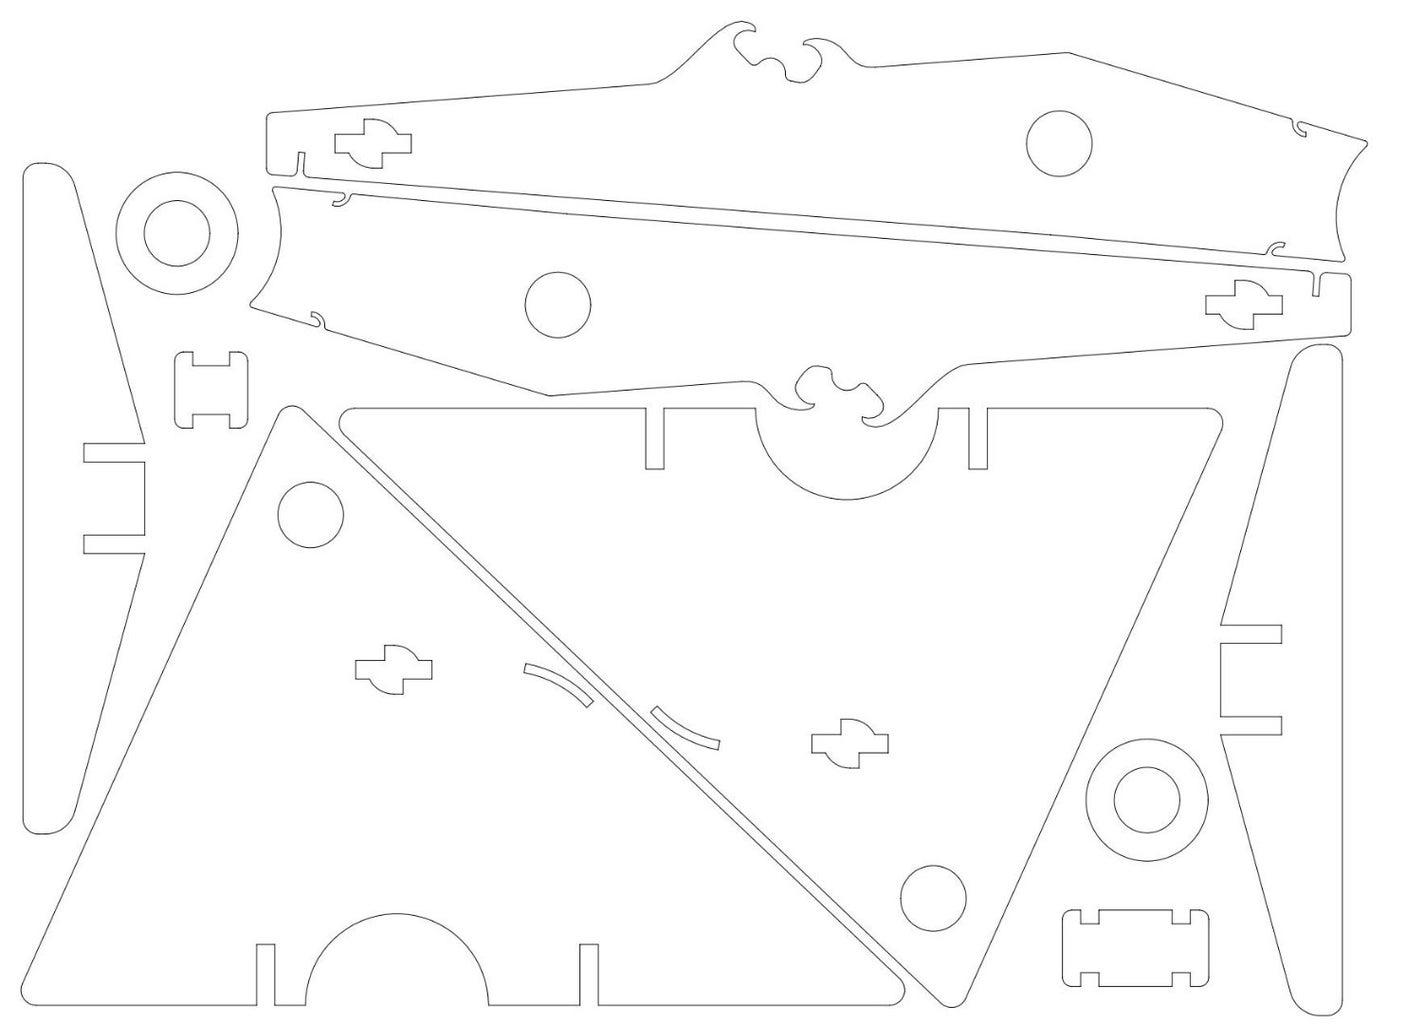 Designing the Crane